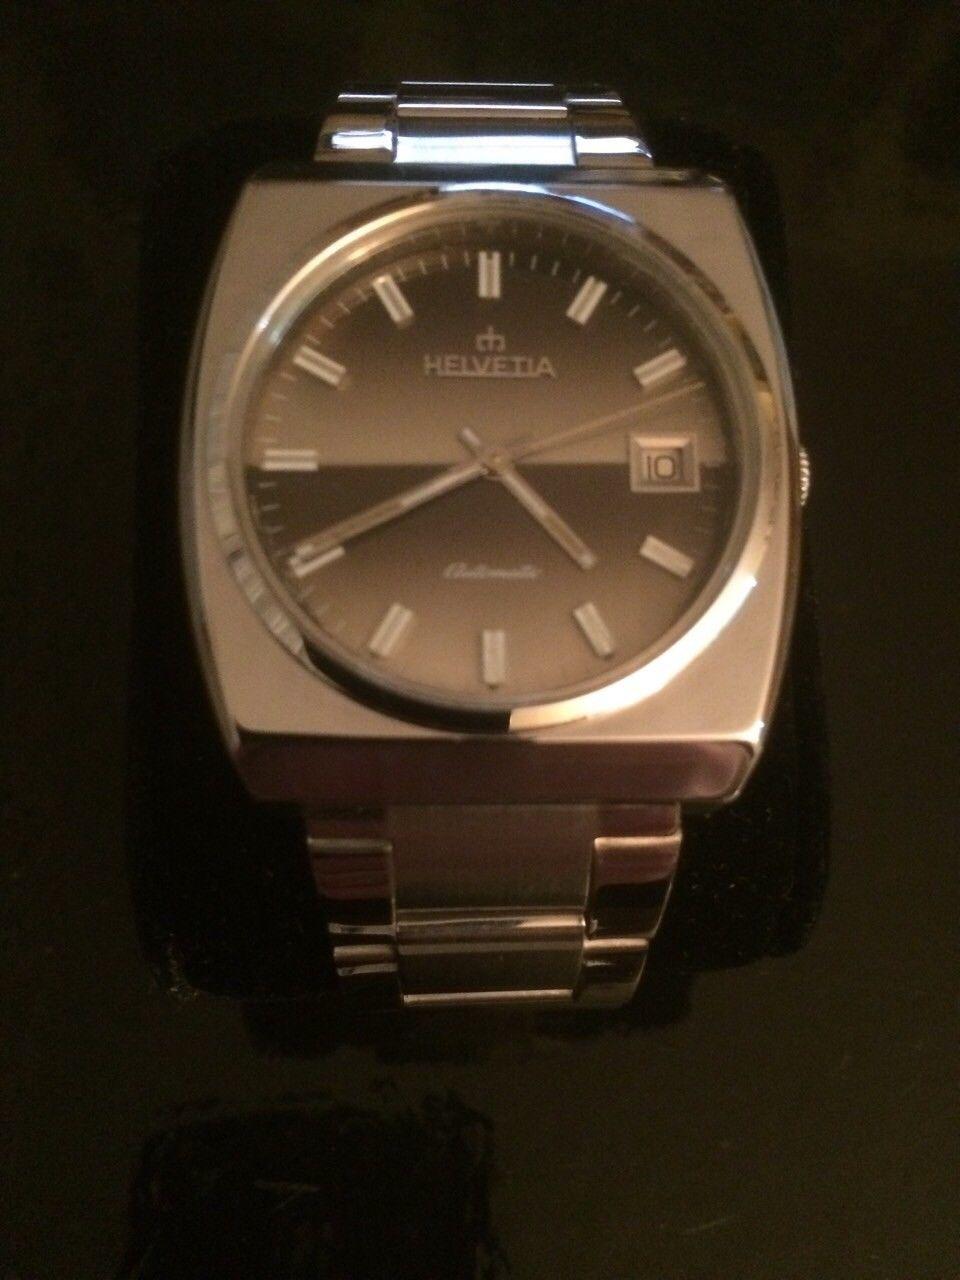 [Vendido] Relógio Helvetia automático Helvet21